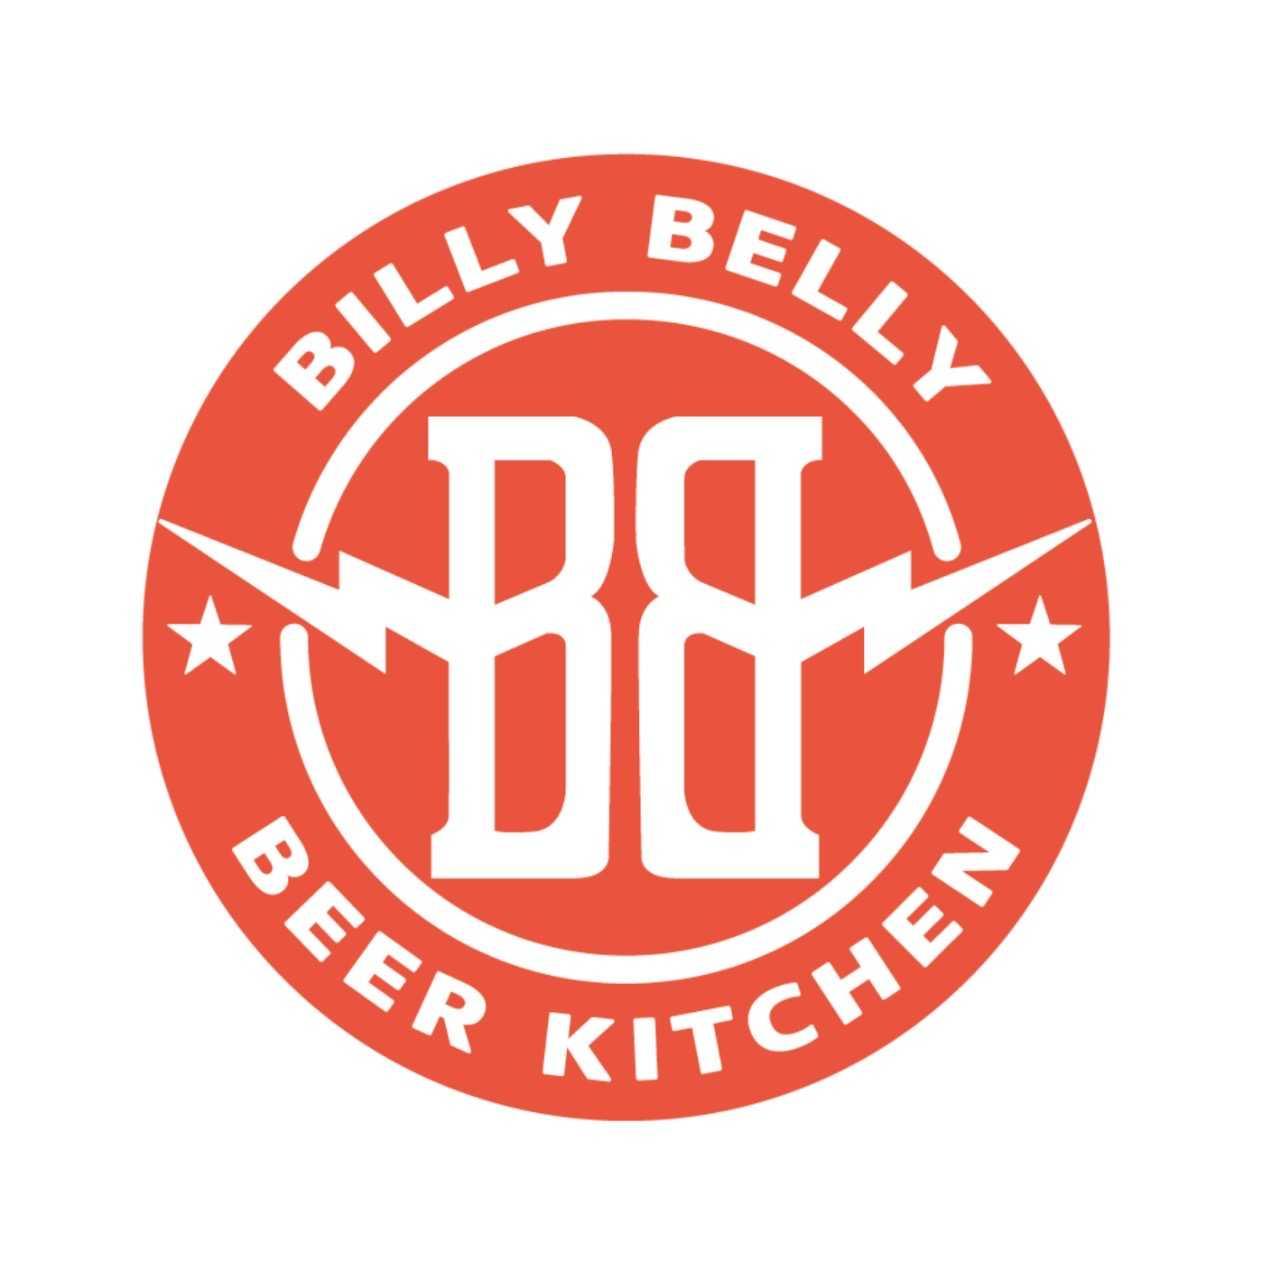 Billy Belly